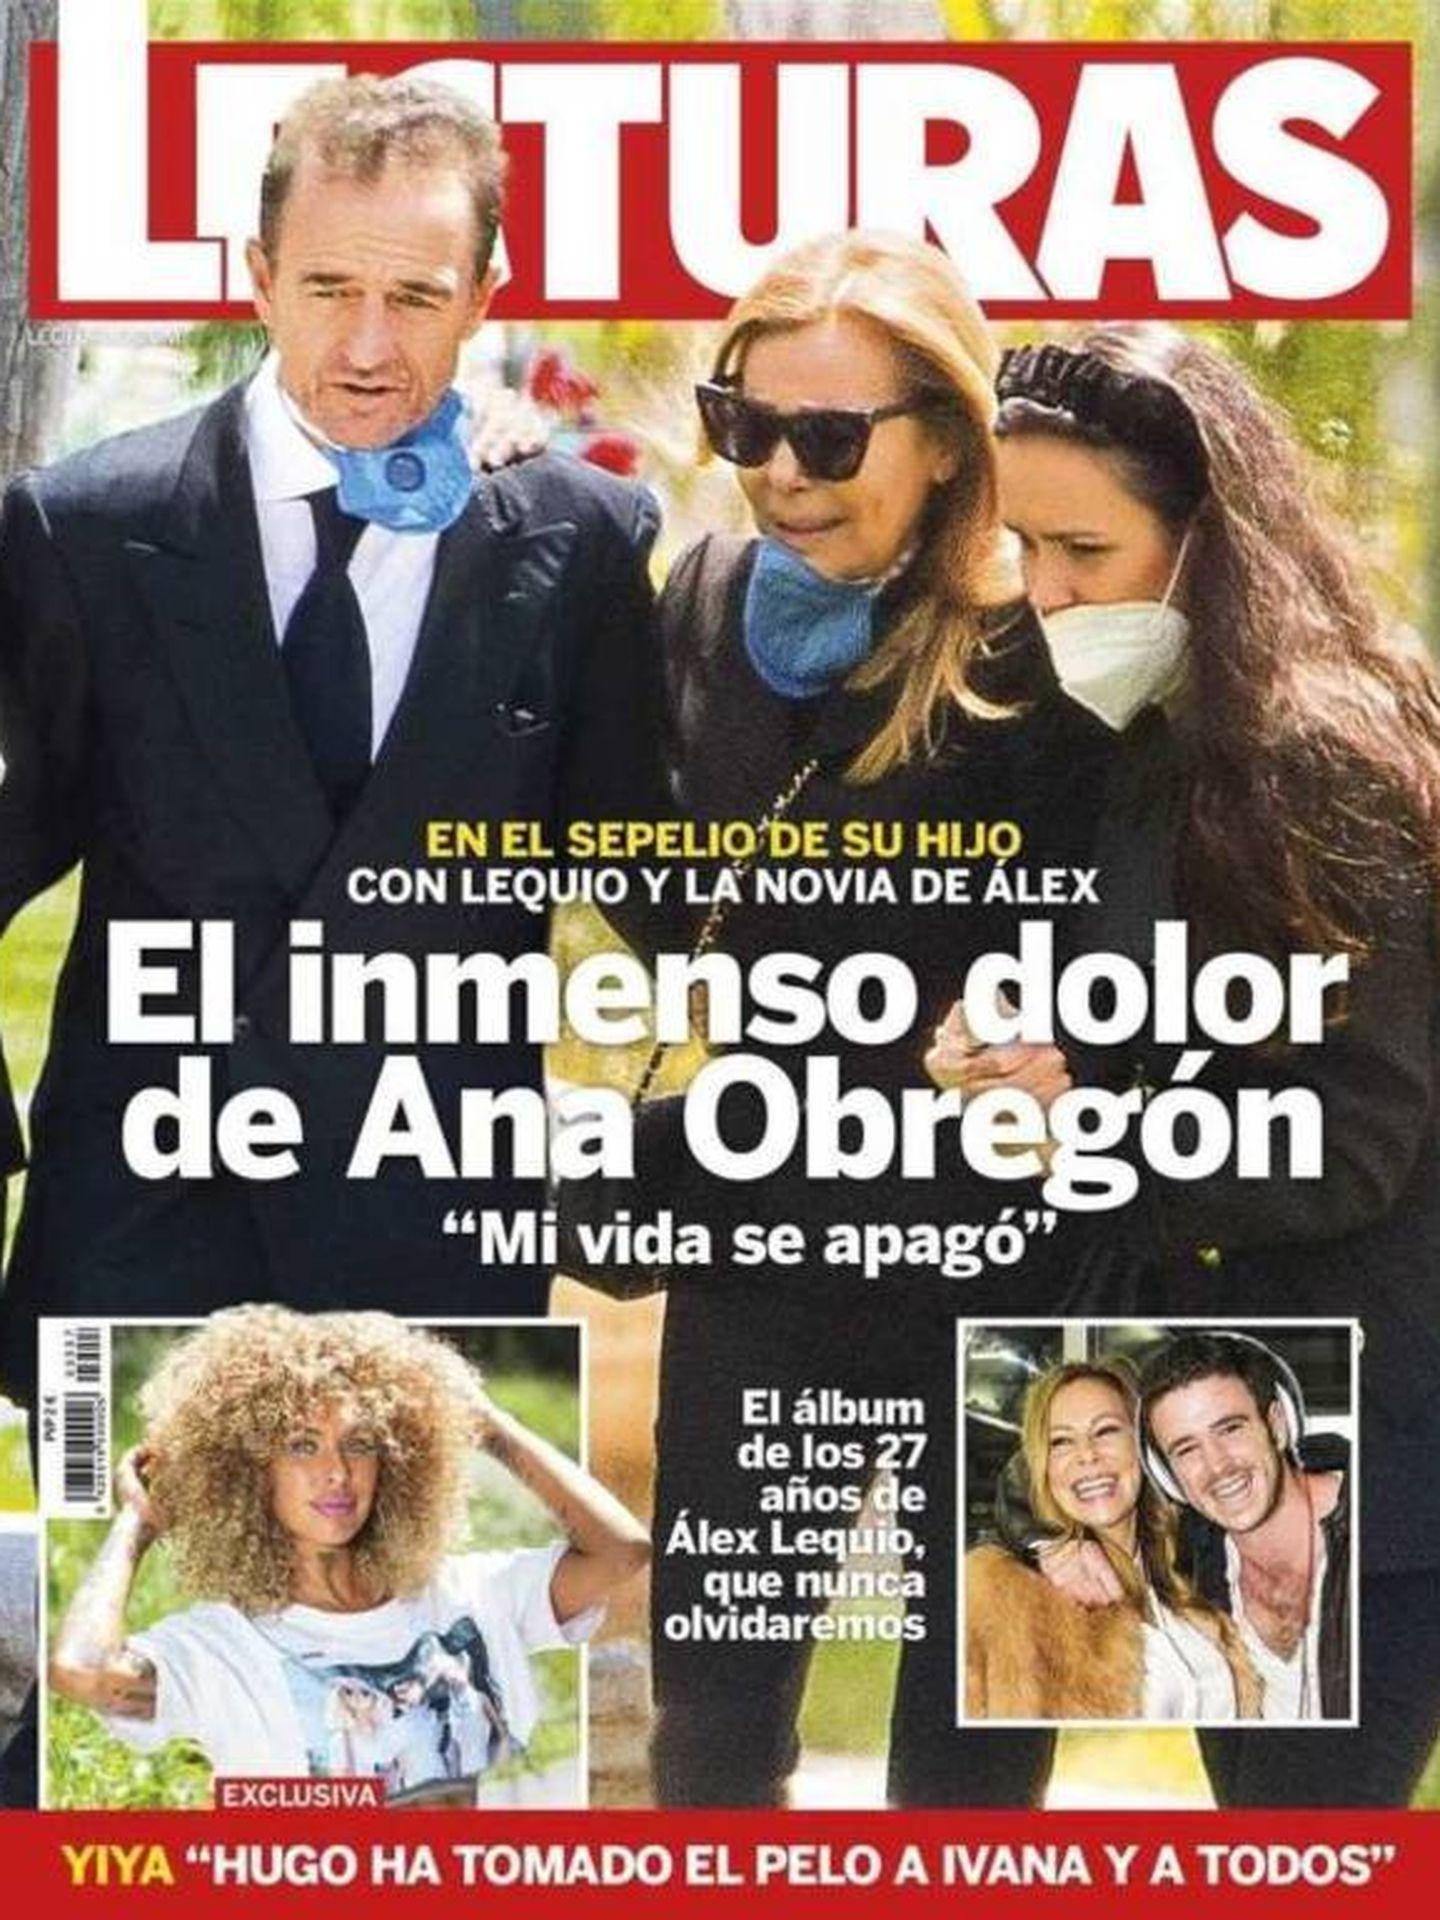 Portada de 'Lecturas' con Monje, Ana Obregón y Alessandro Lequio.